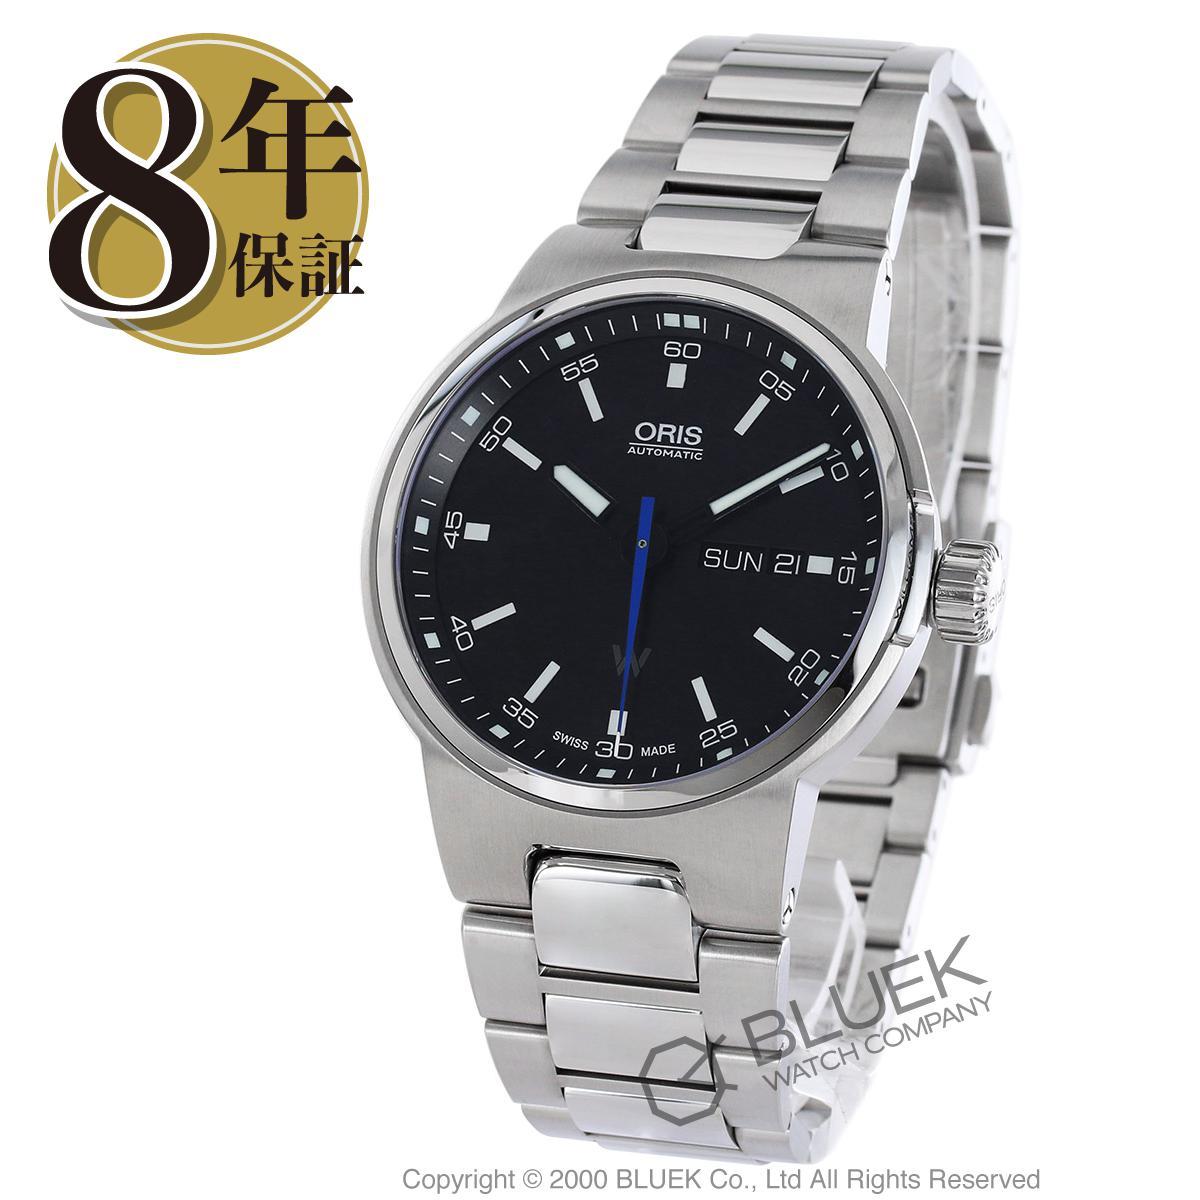 オリス ORIS 腕時計 ウィリアムズ メンズ 735 7716 4154M_8